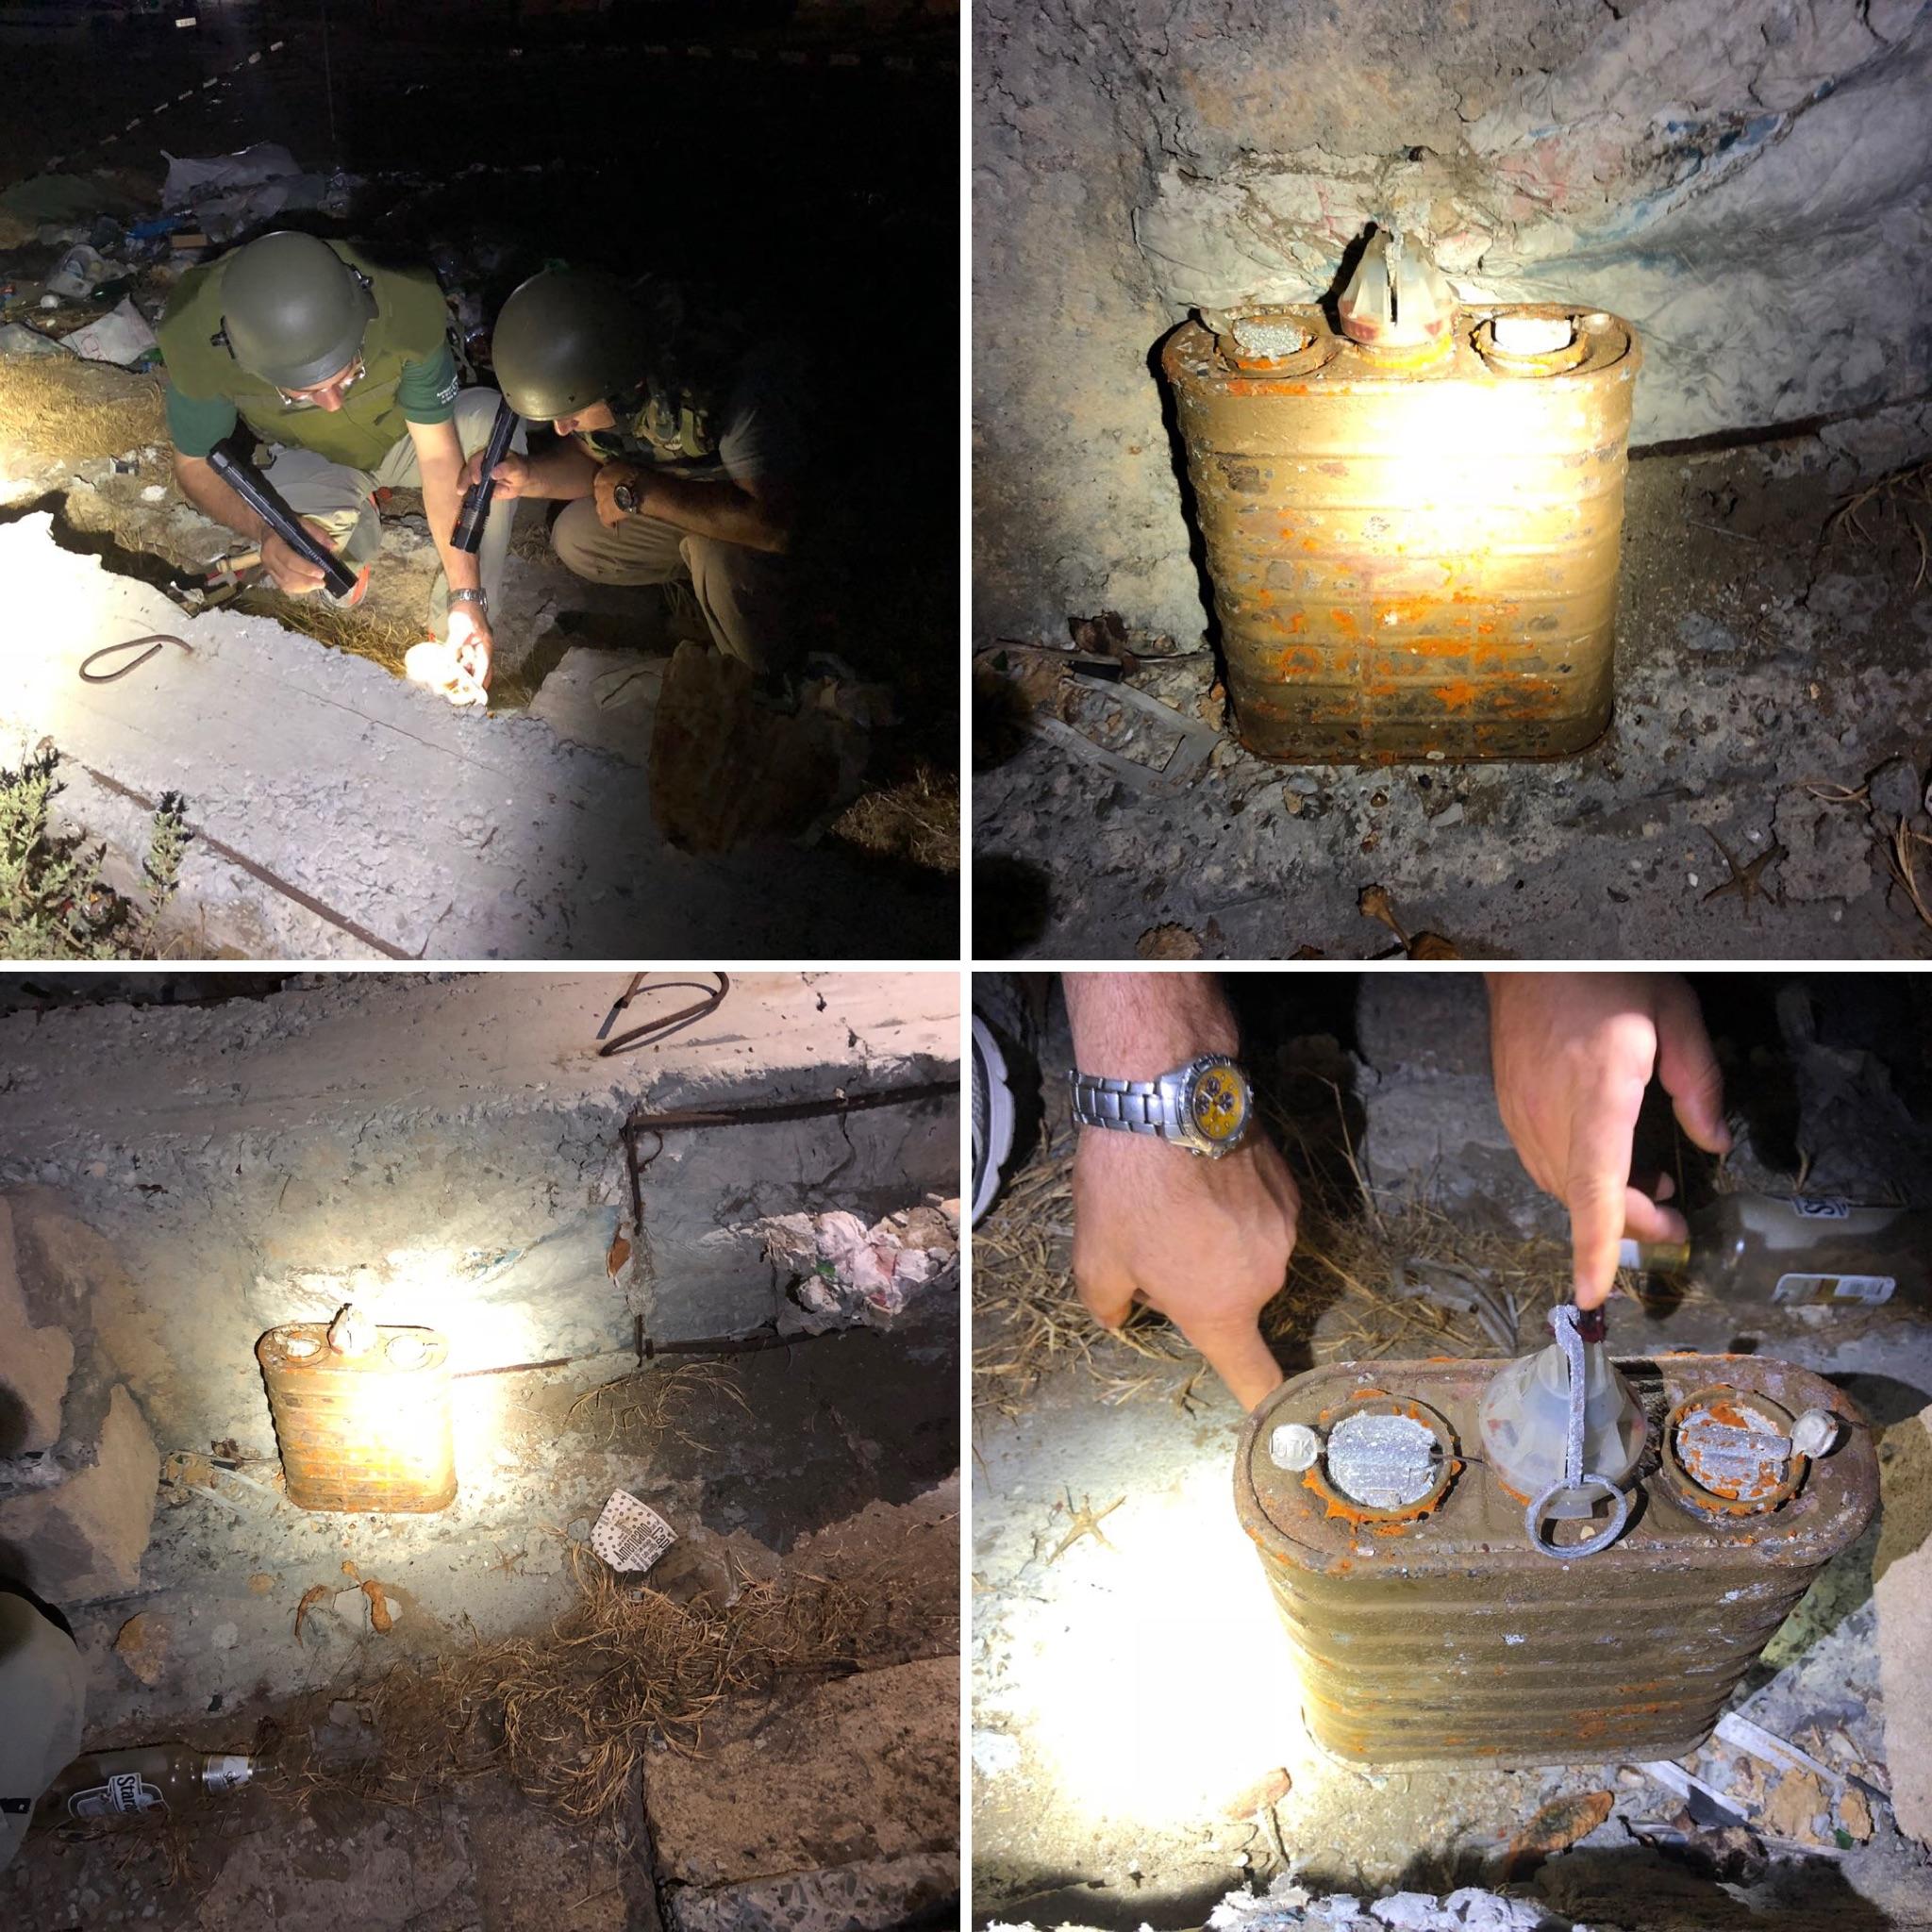 Информация о мине переполошила посетителей бакинского аквапарка - ФОТО